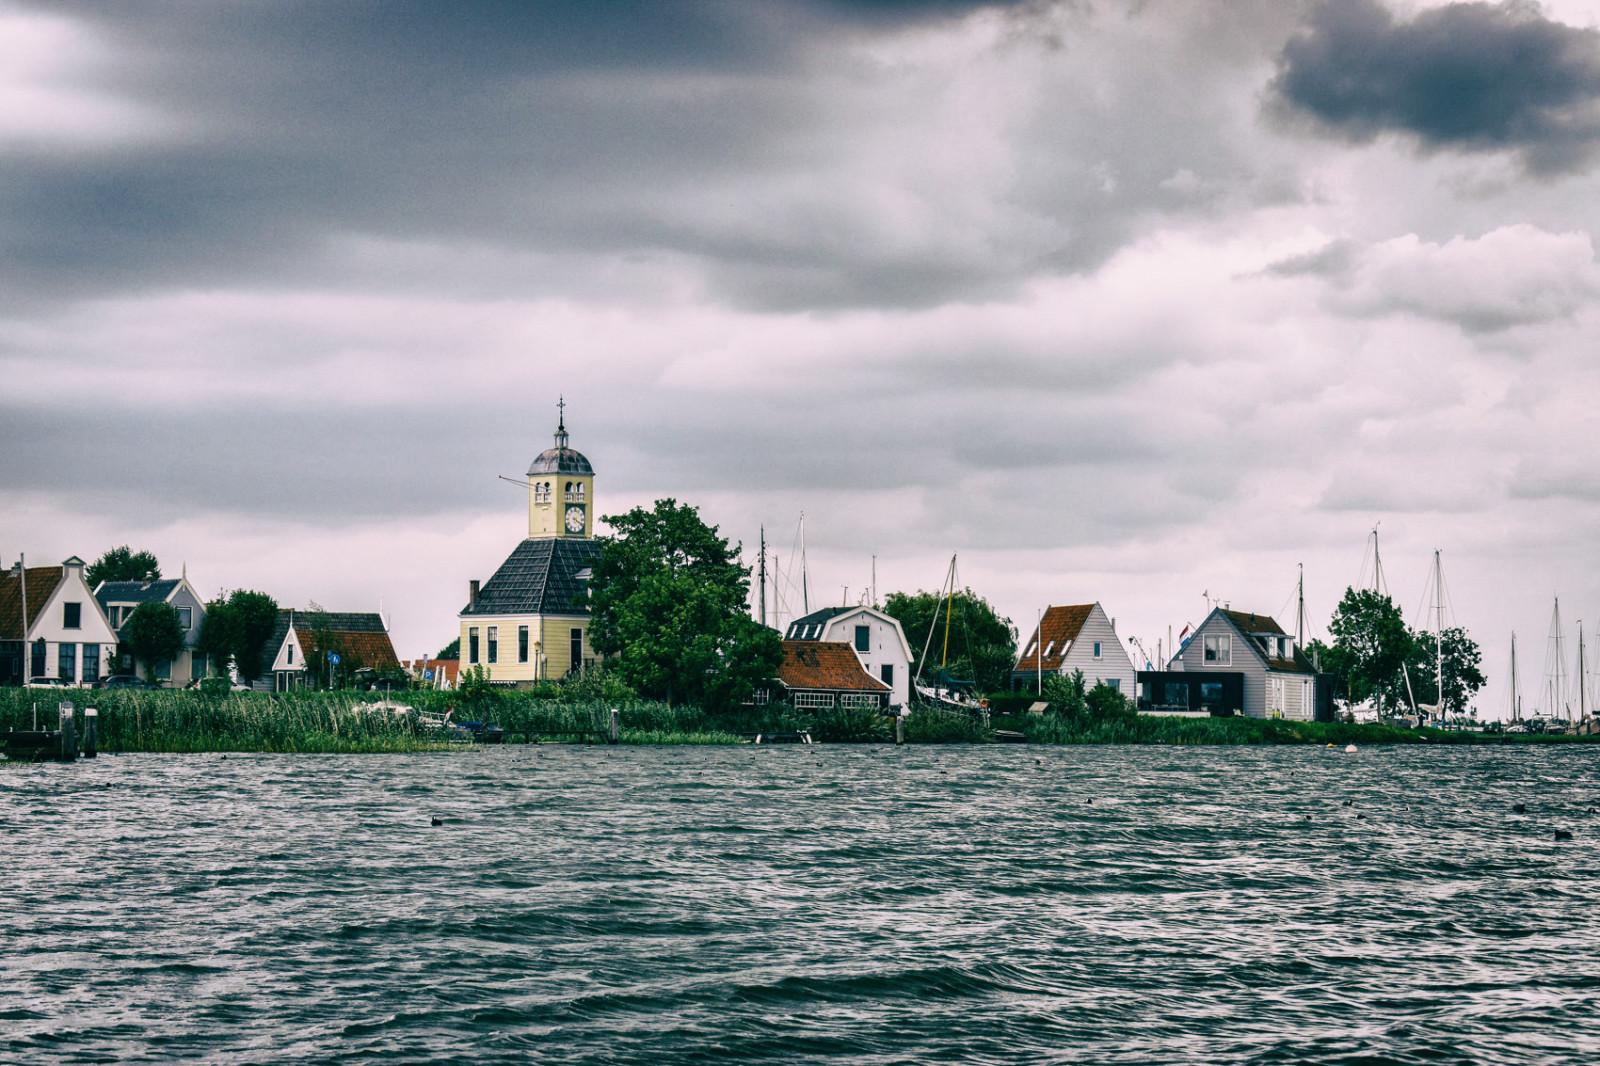 Durgerdam village seen from the water